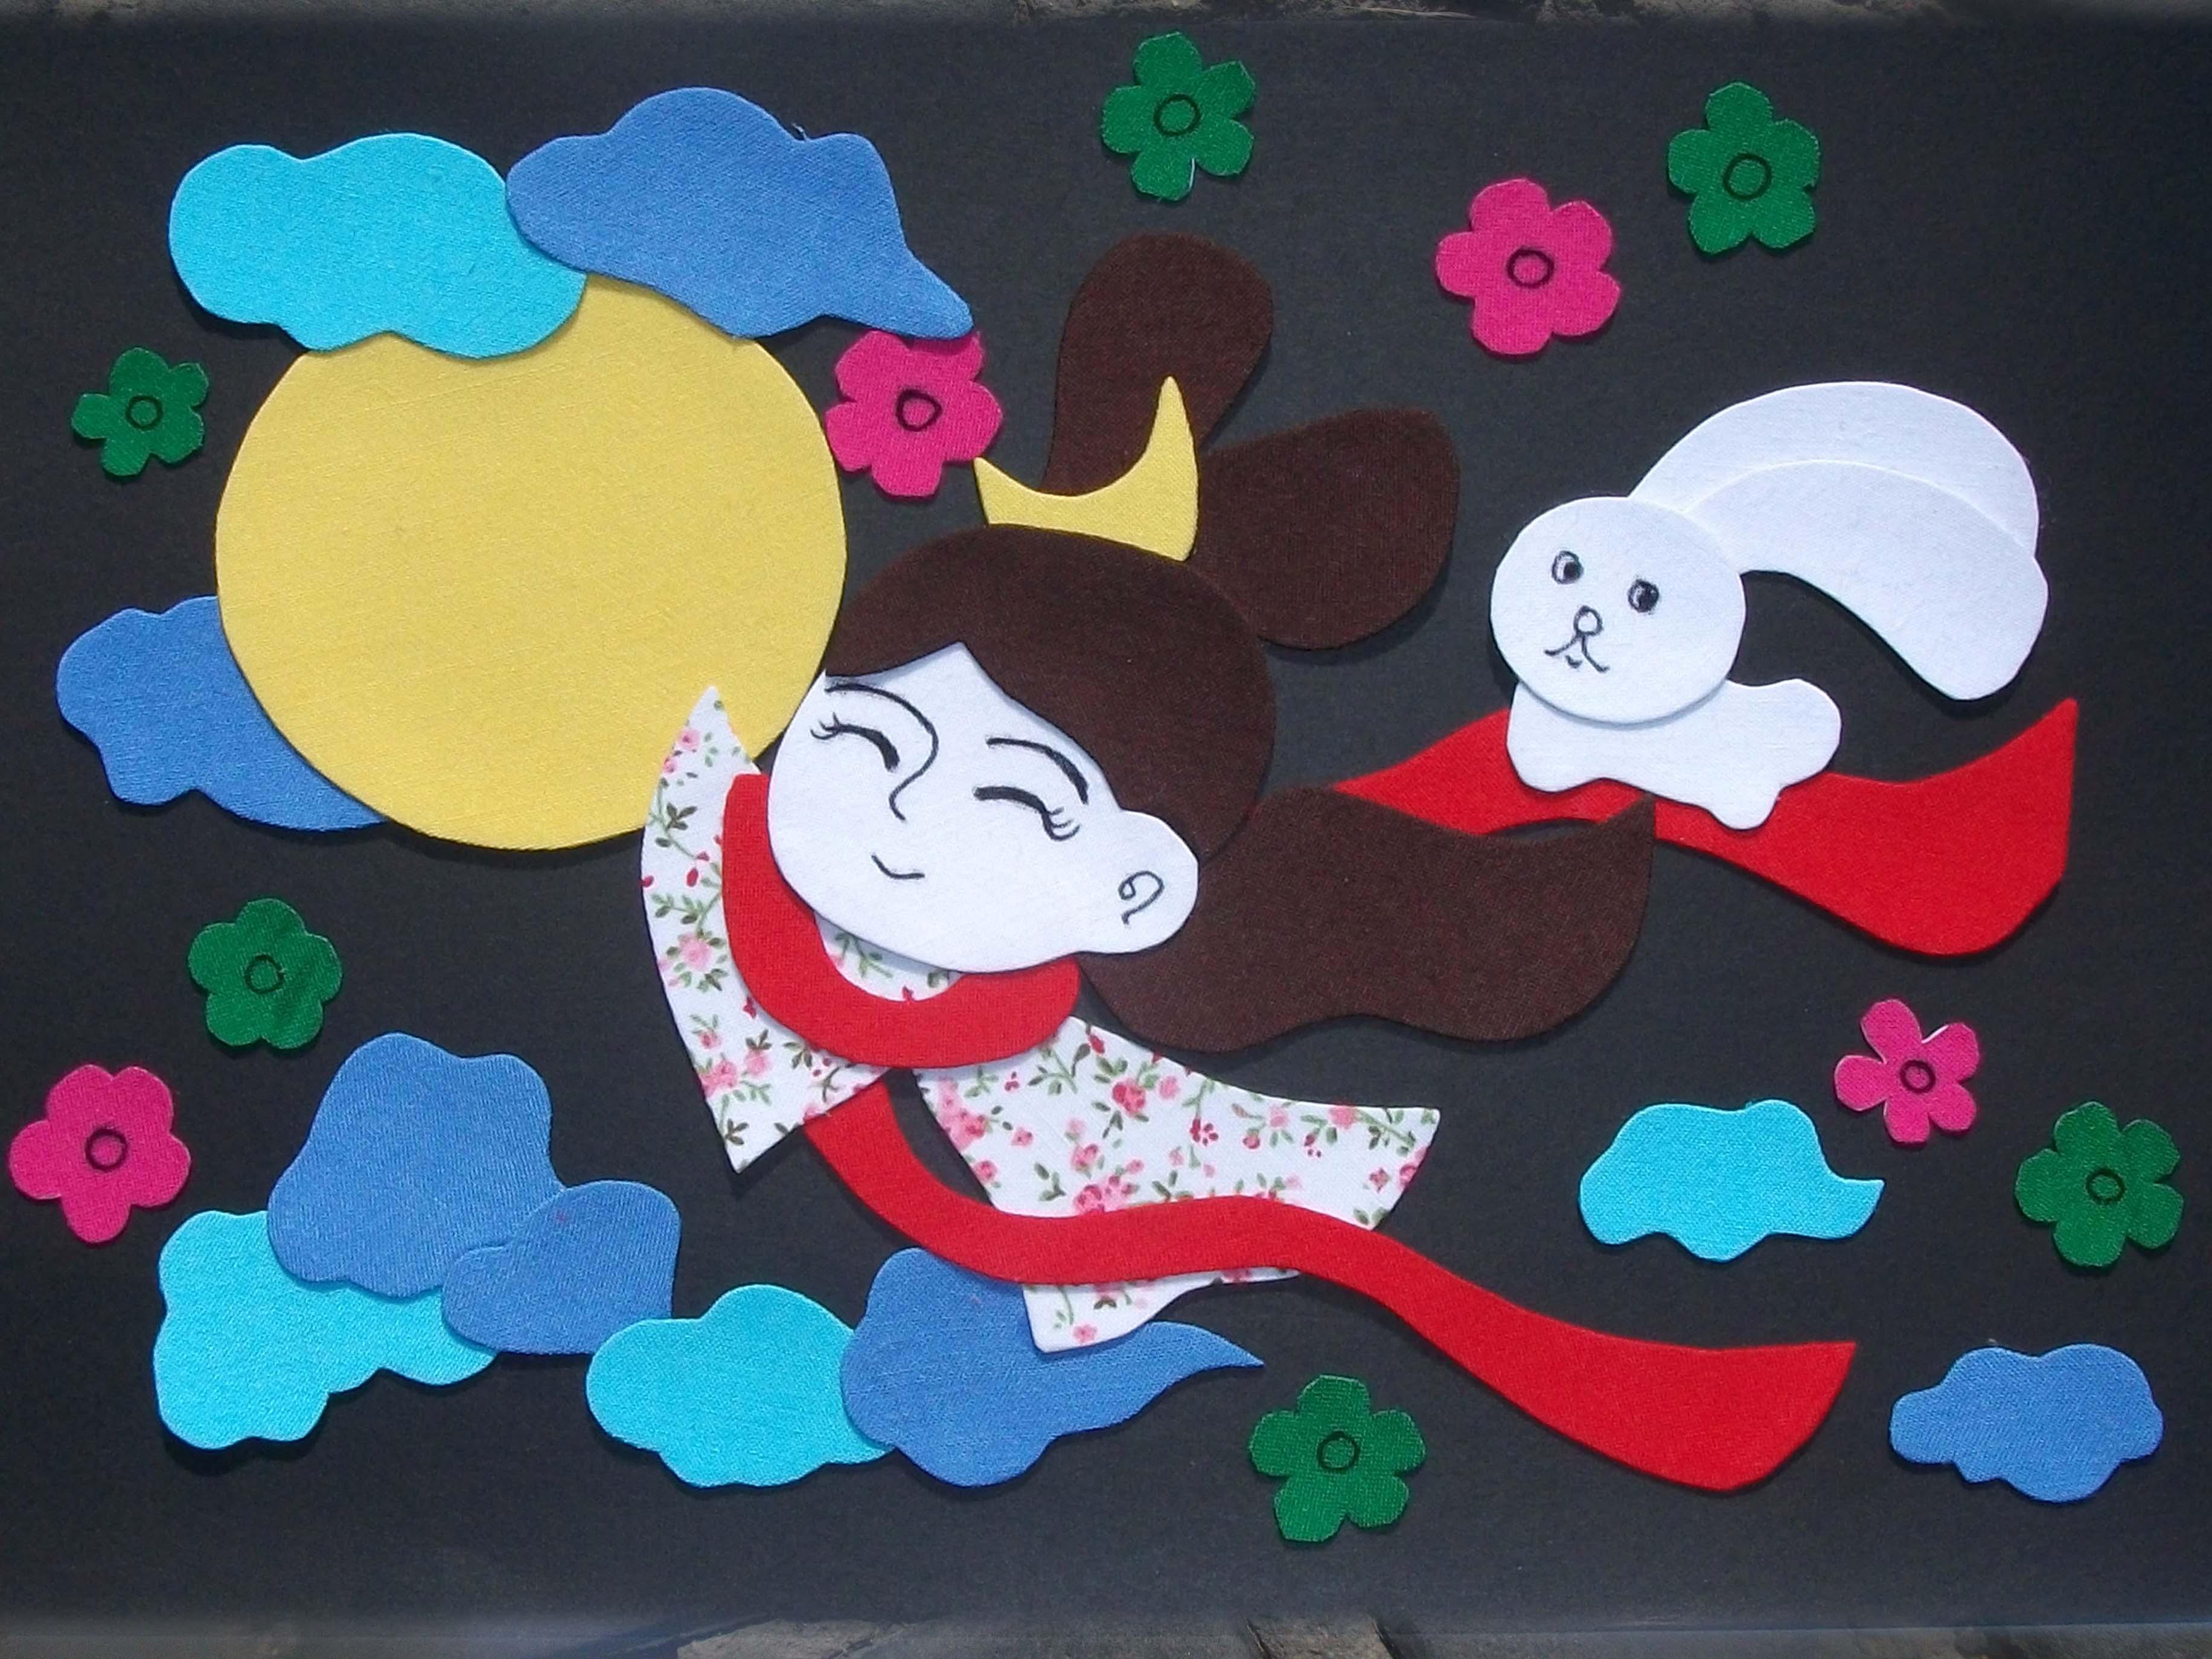 中秋儿童布贴画【奔月】益智卡通布艺手工制作diy材料包学生作业